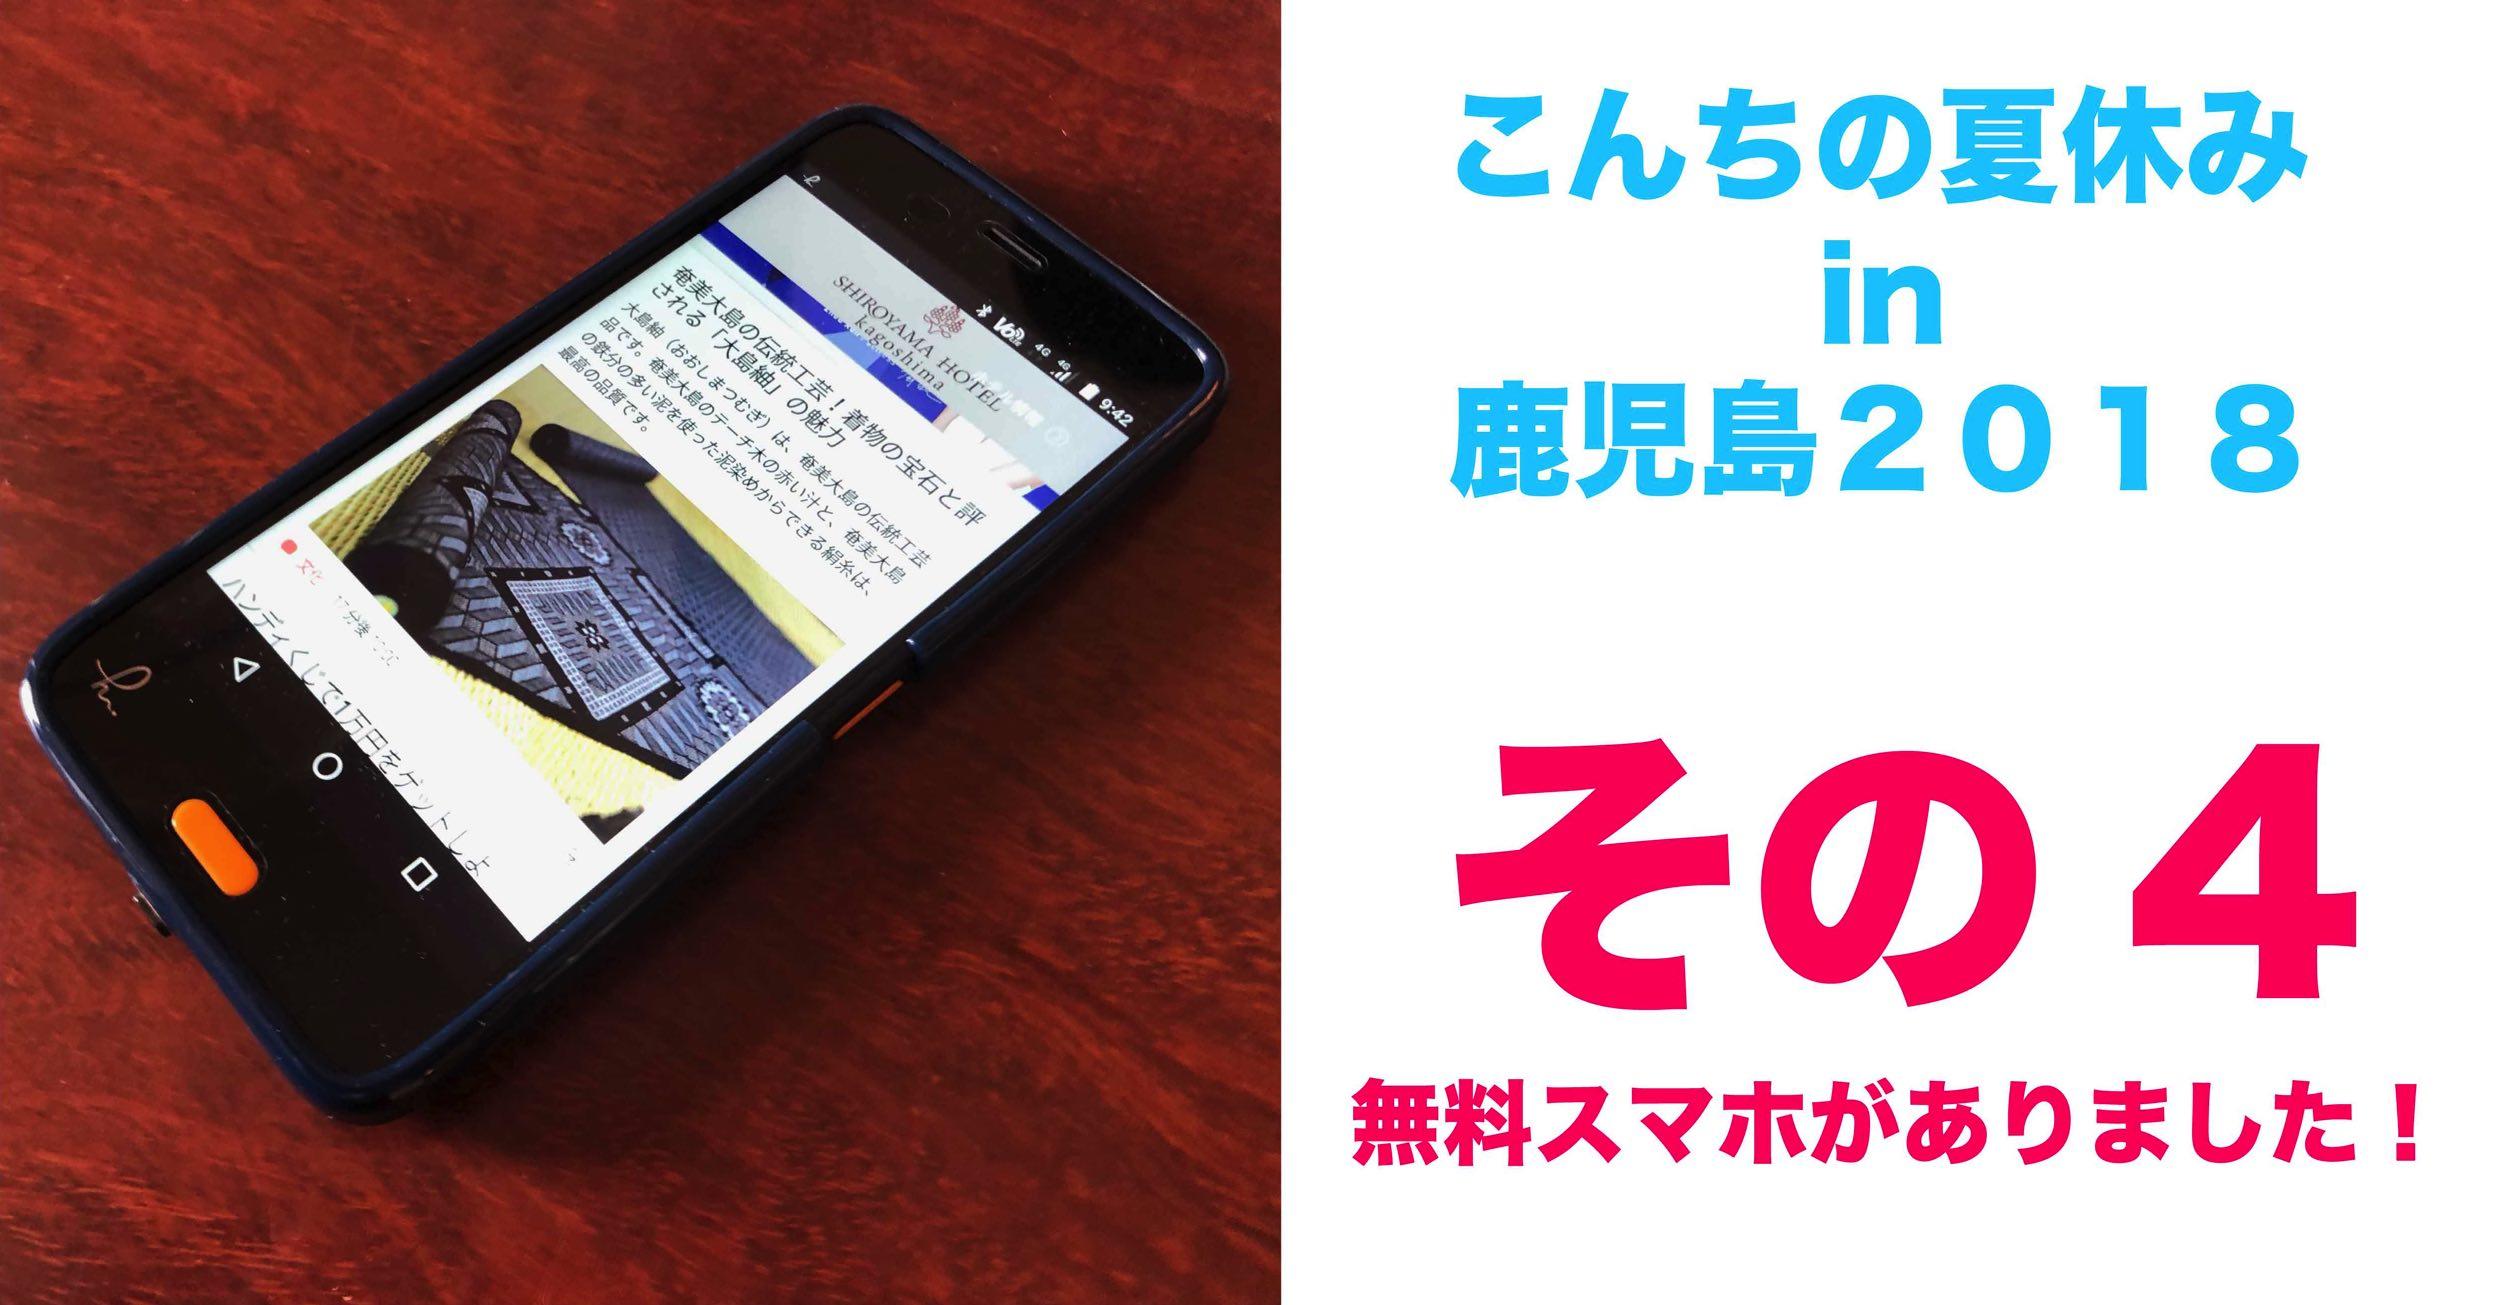 こんちの夏休み in鹿児島2018④〜城山観光ホテル泊まった〜